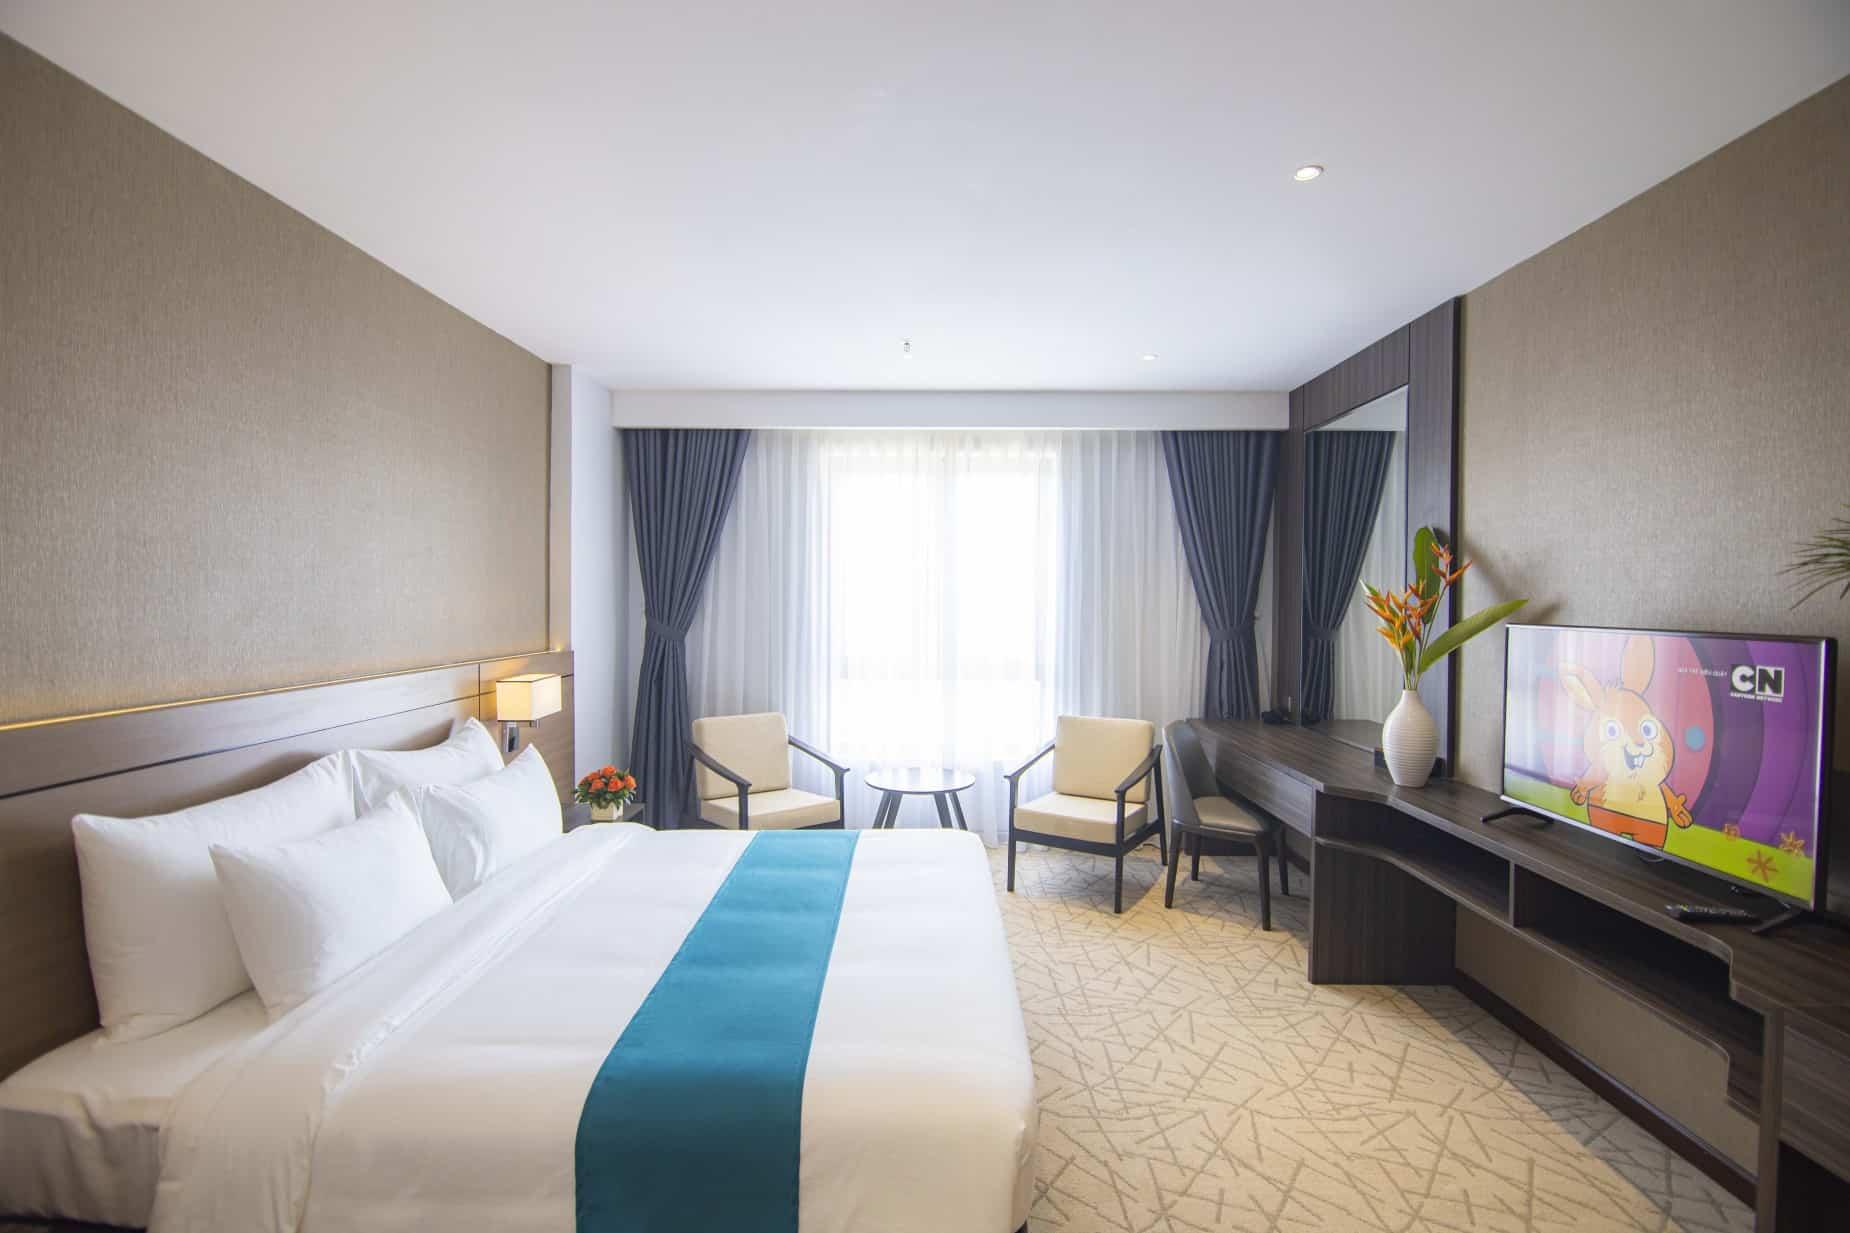 Phòng Superior giường đôi với phong cách thiết ké đơn giản nhưng sang trọng